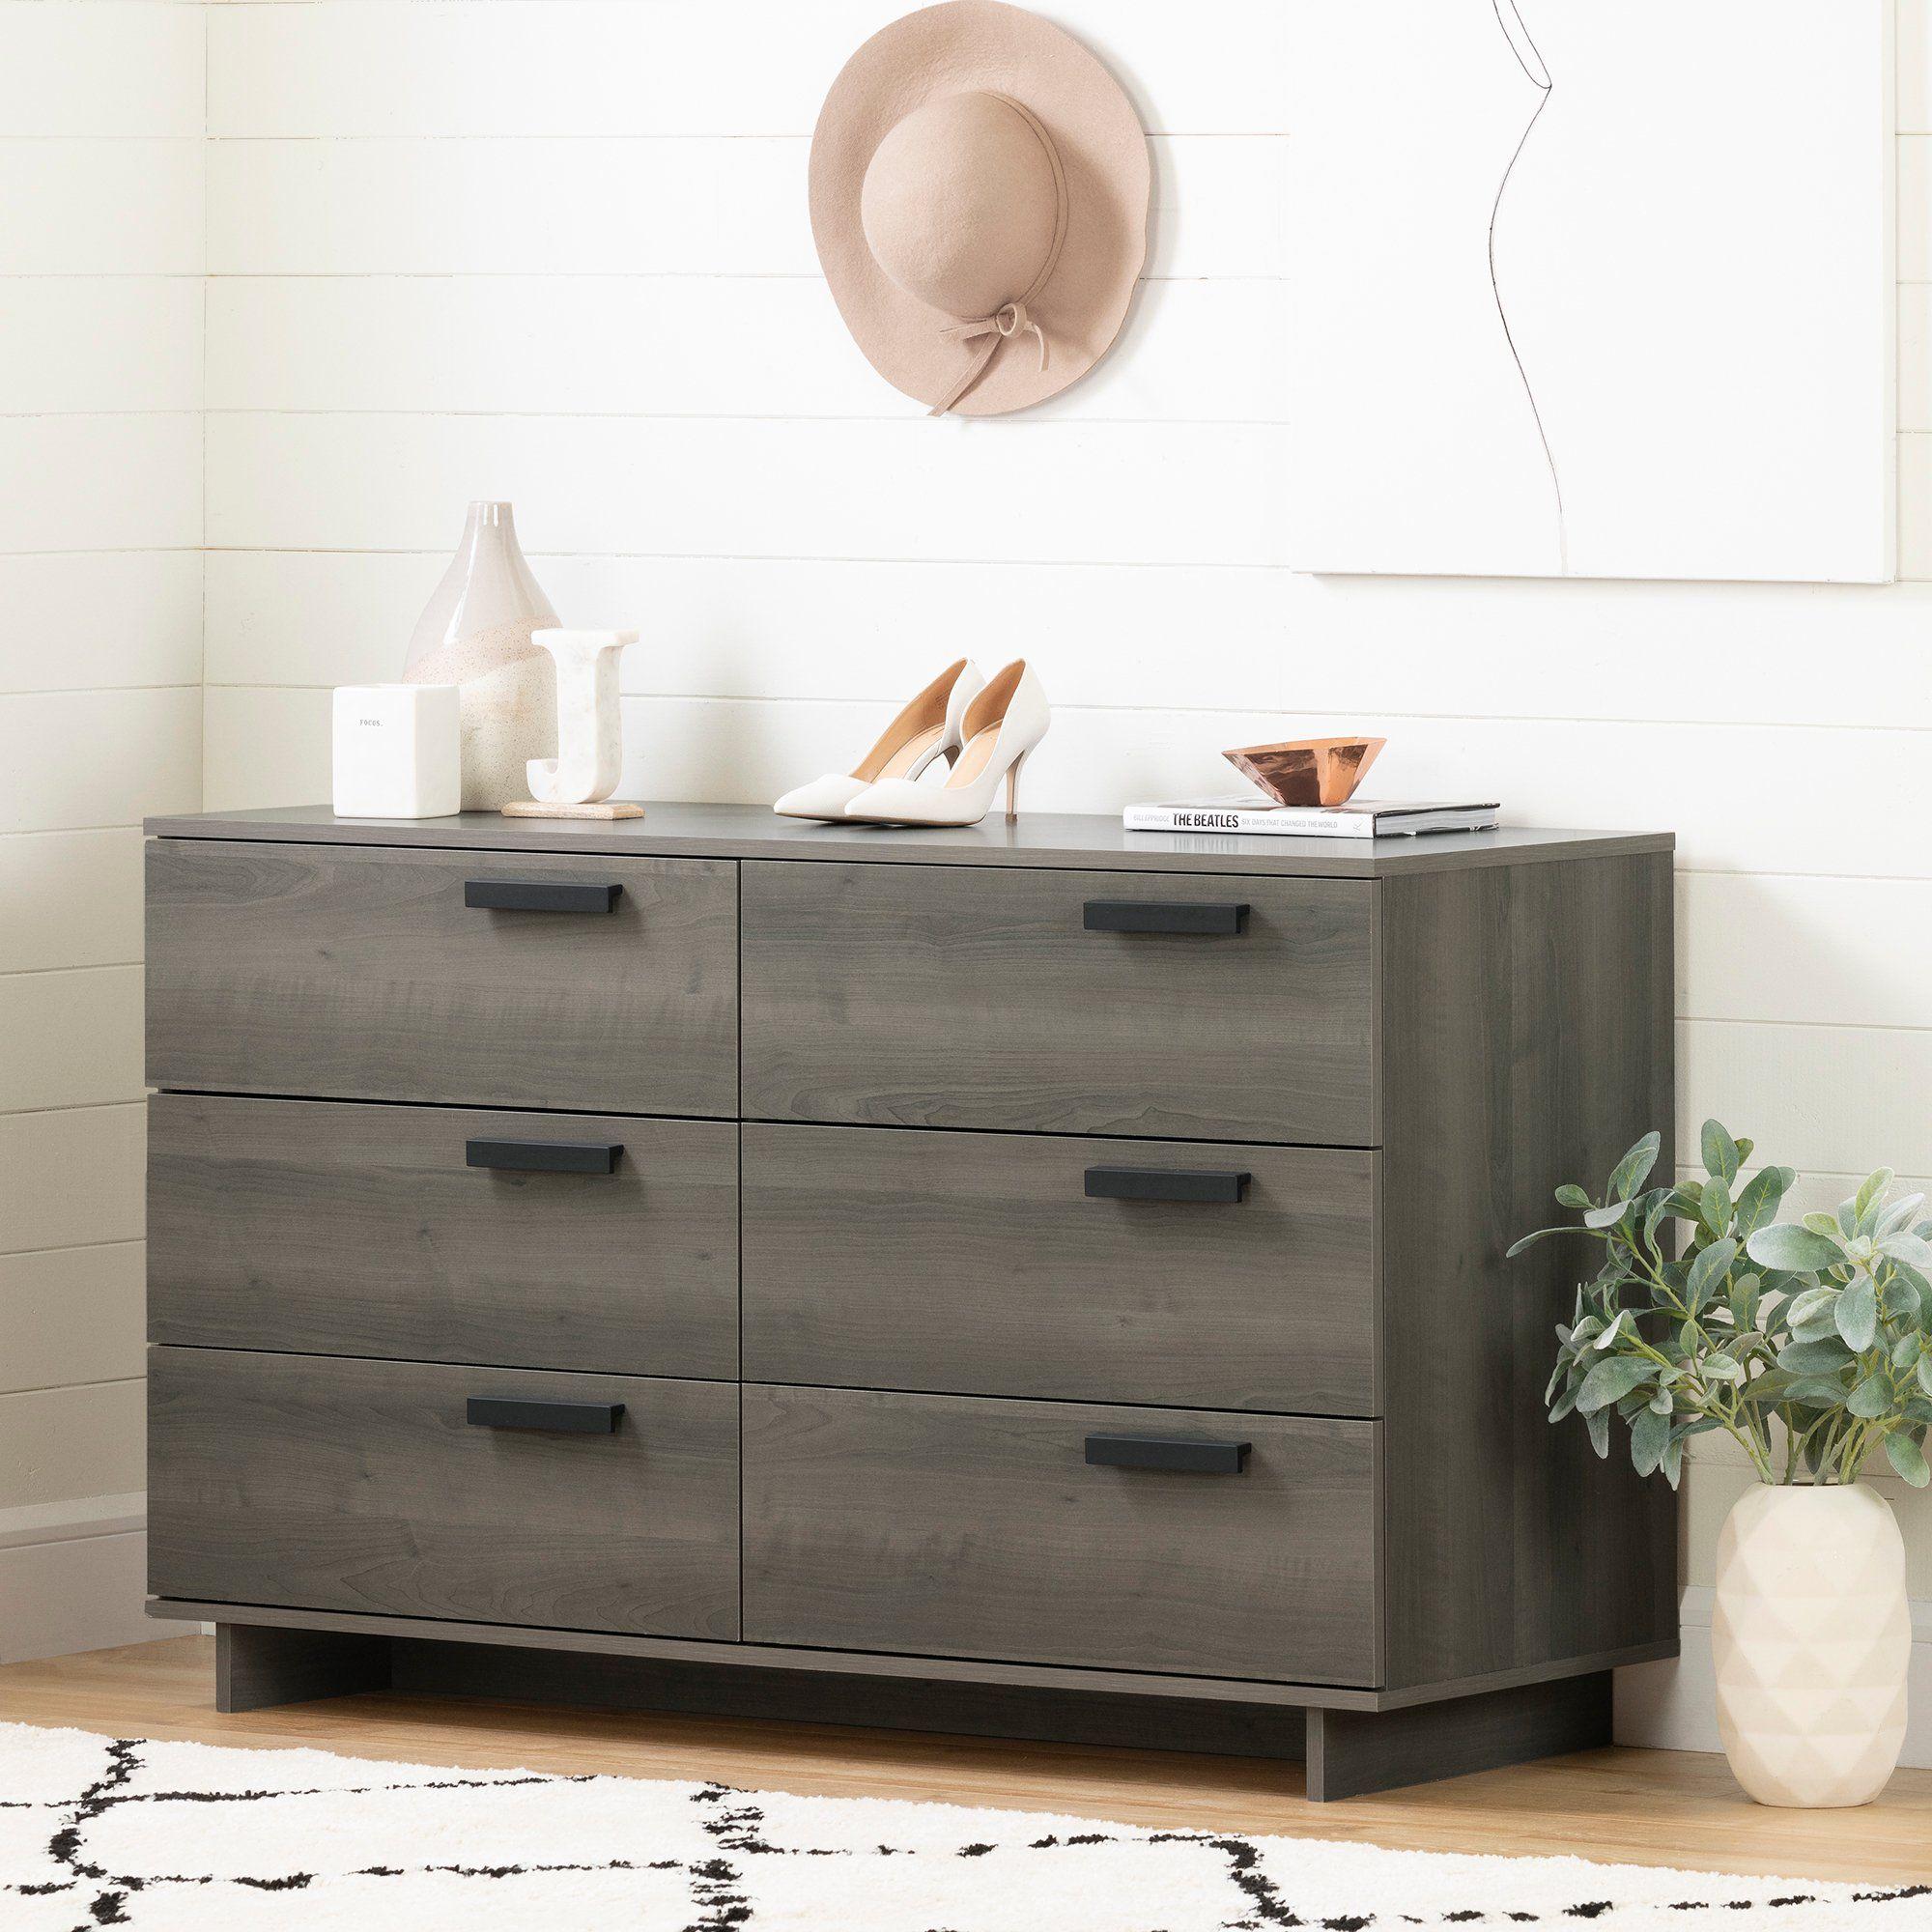 Modern Gray Maple 6 Drawer Double Furniture Dresser Storage Dresser [ 2000 x 2000 Pixel ]